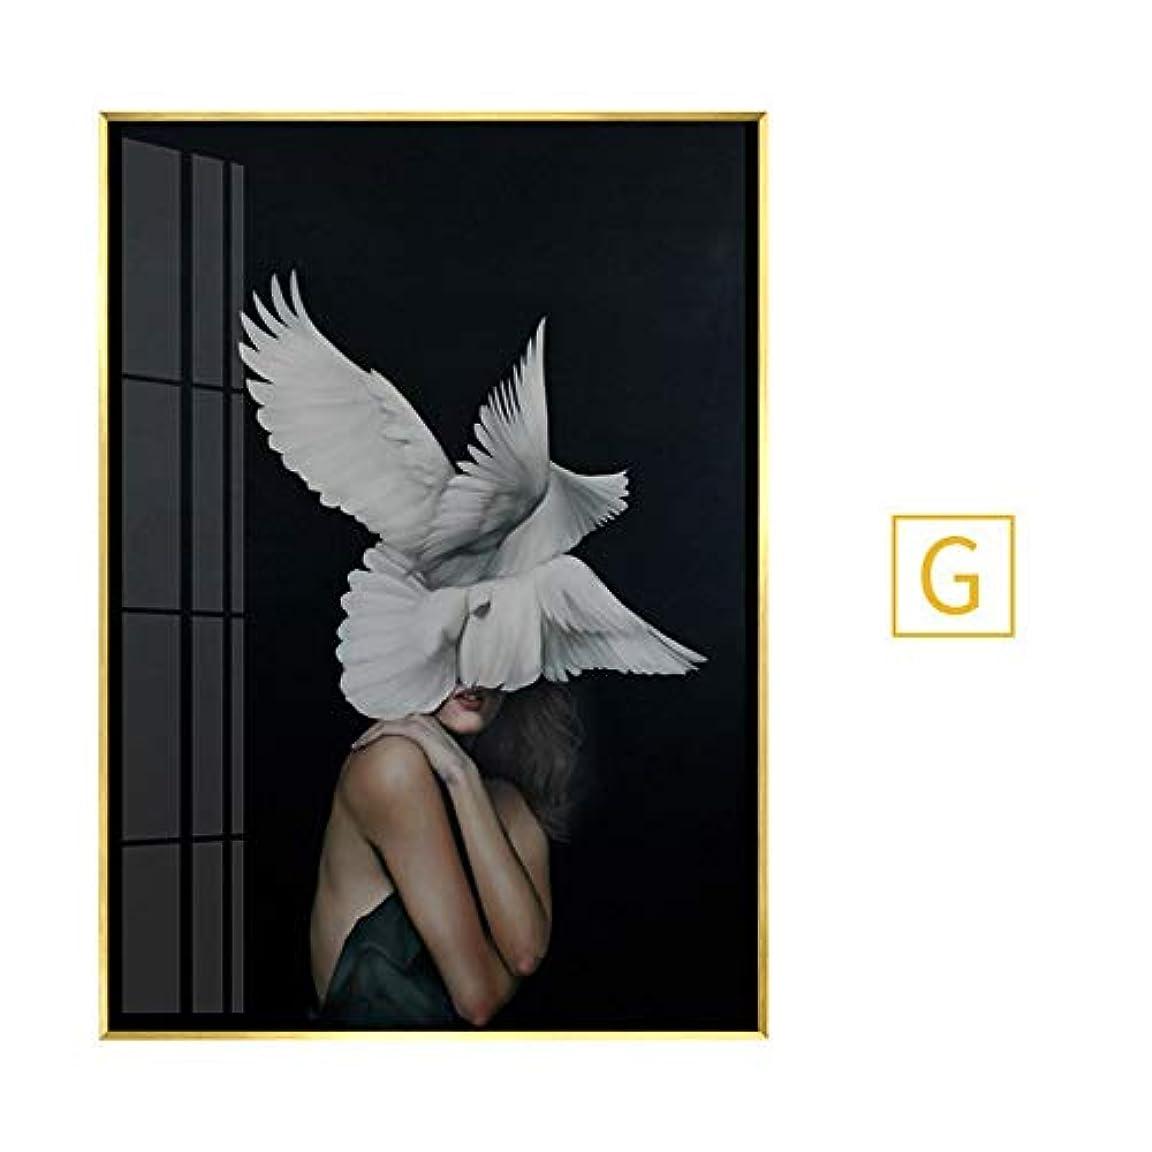 スキーム人に関する限りバレエ木製フォトフレーム フォトフレーム6 x 4フレームローズゴールドウォールアート銅フォトフレーム風景フォトフレームフォトフレームガラス シングルフォトフレーム (Color : G, Size : 60X80 (PS frame))